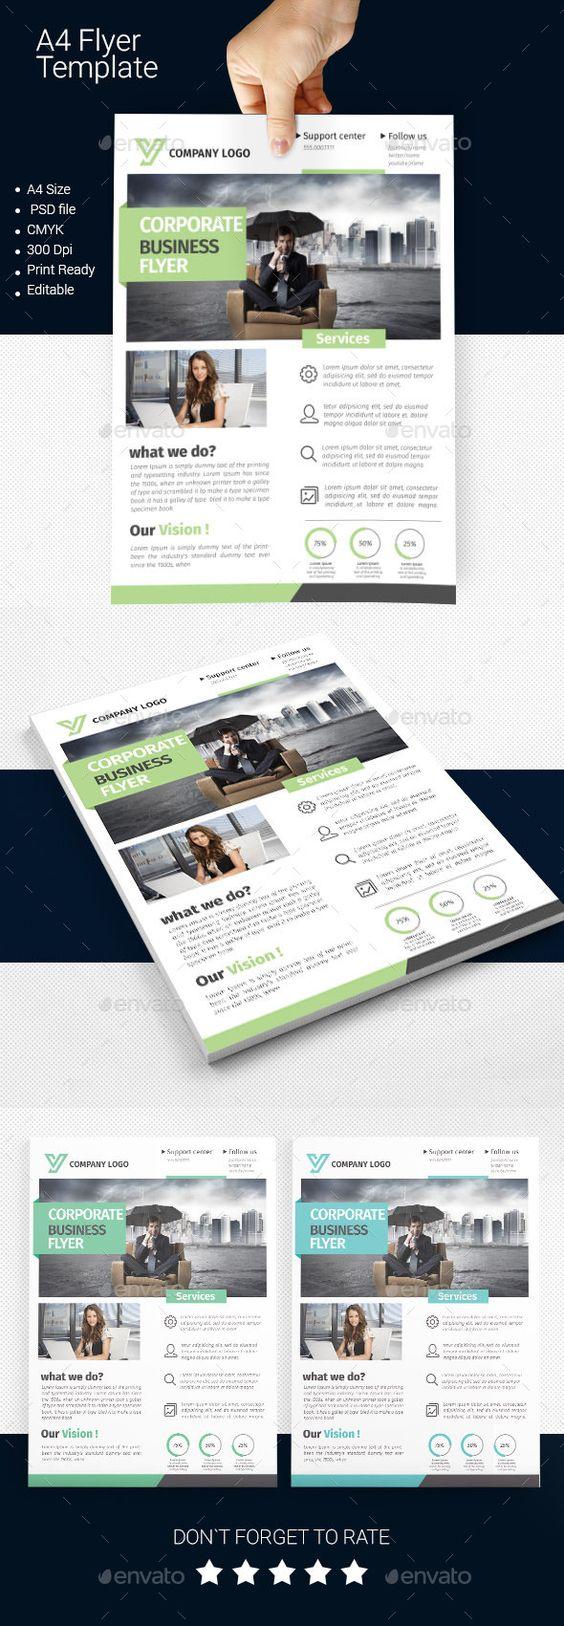 a business flyer template flyer template business flyer a4 business flyer template design graphicriver net